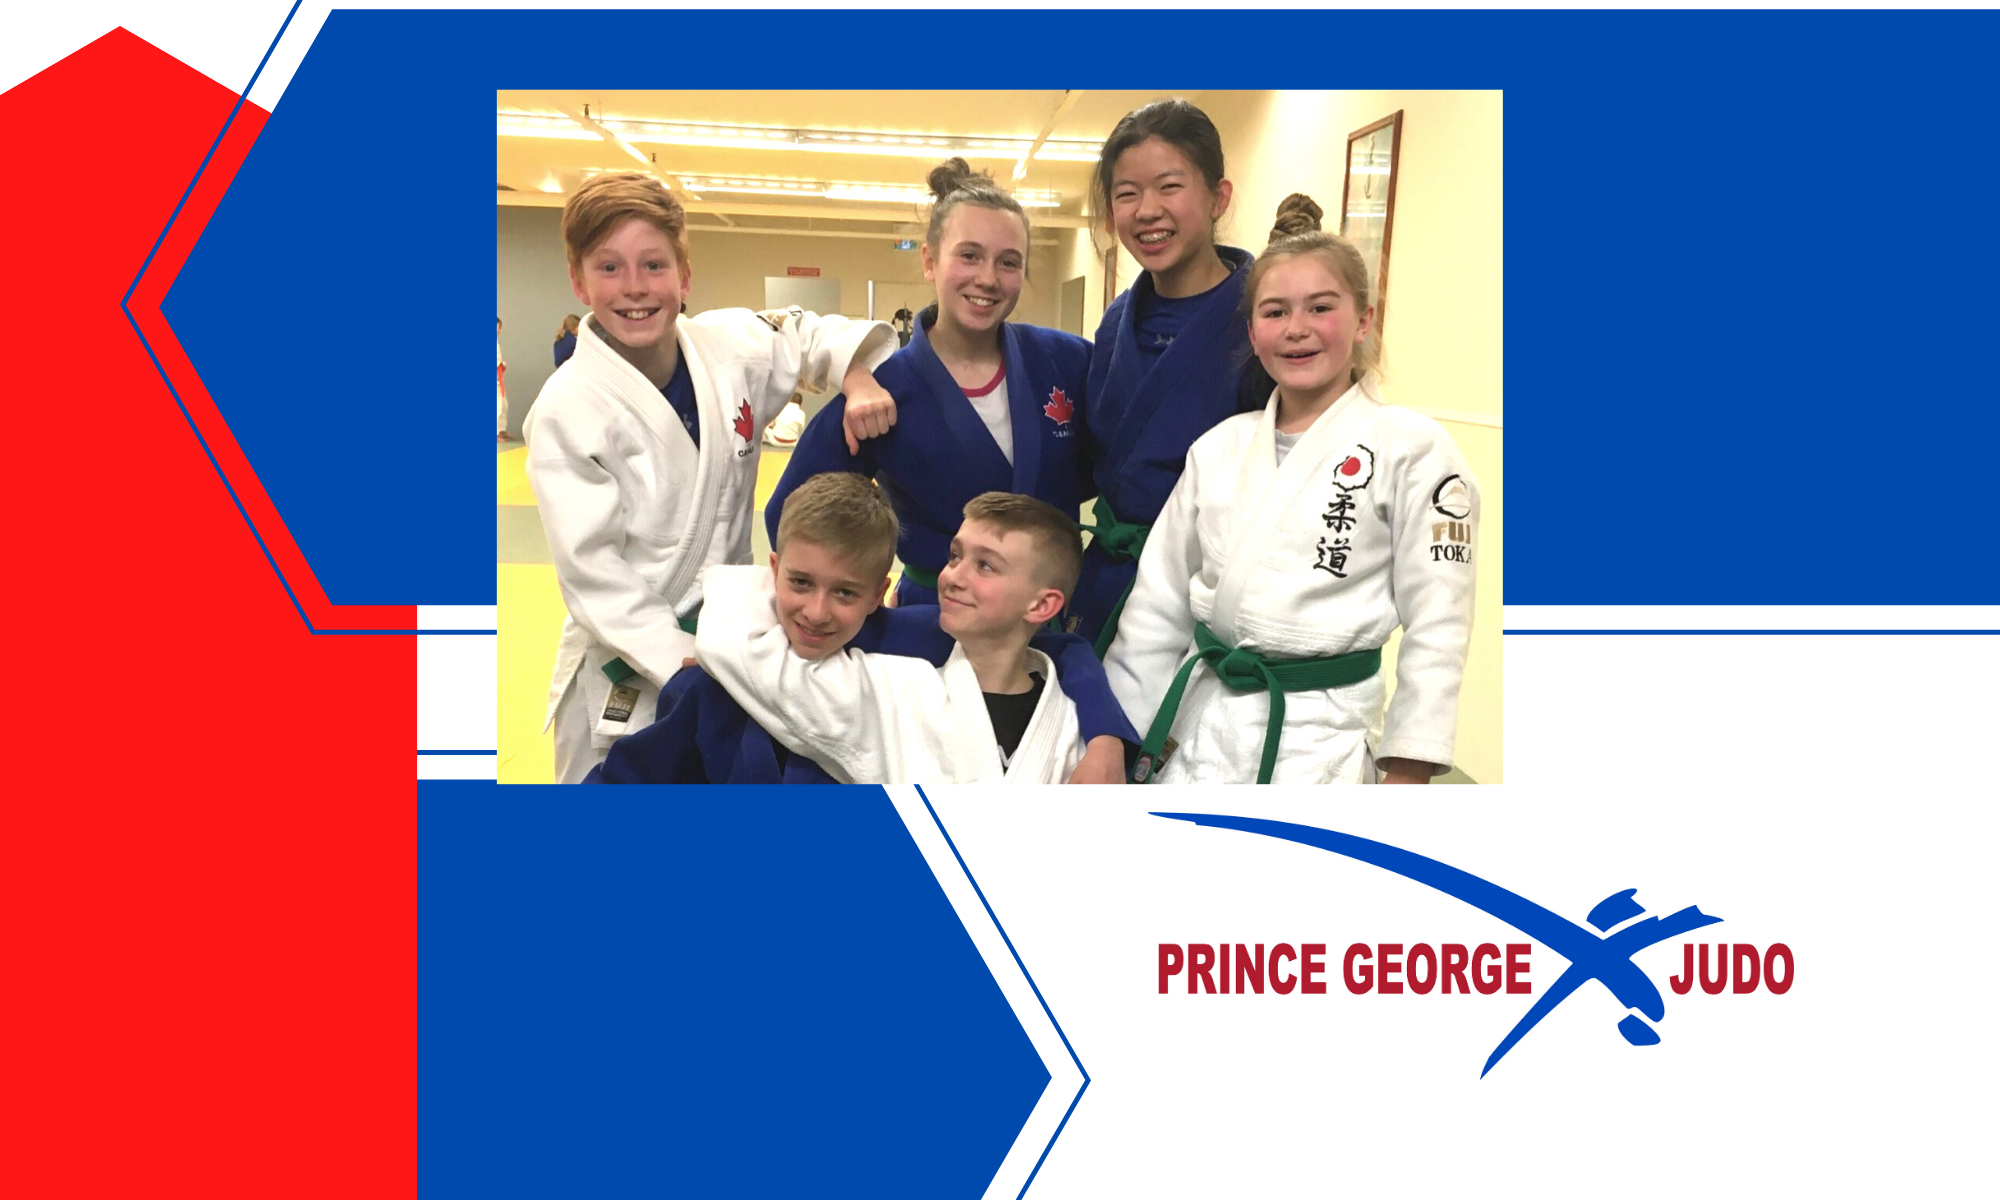 Prince George JUDO Club